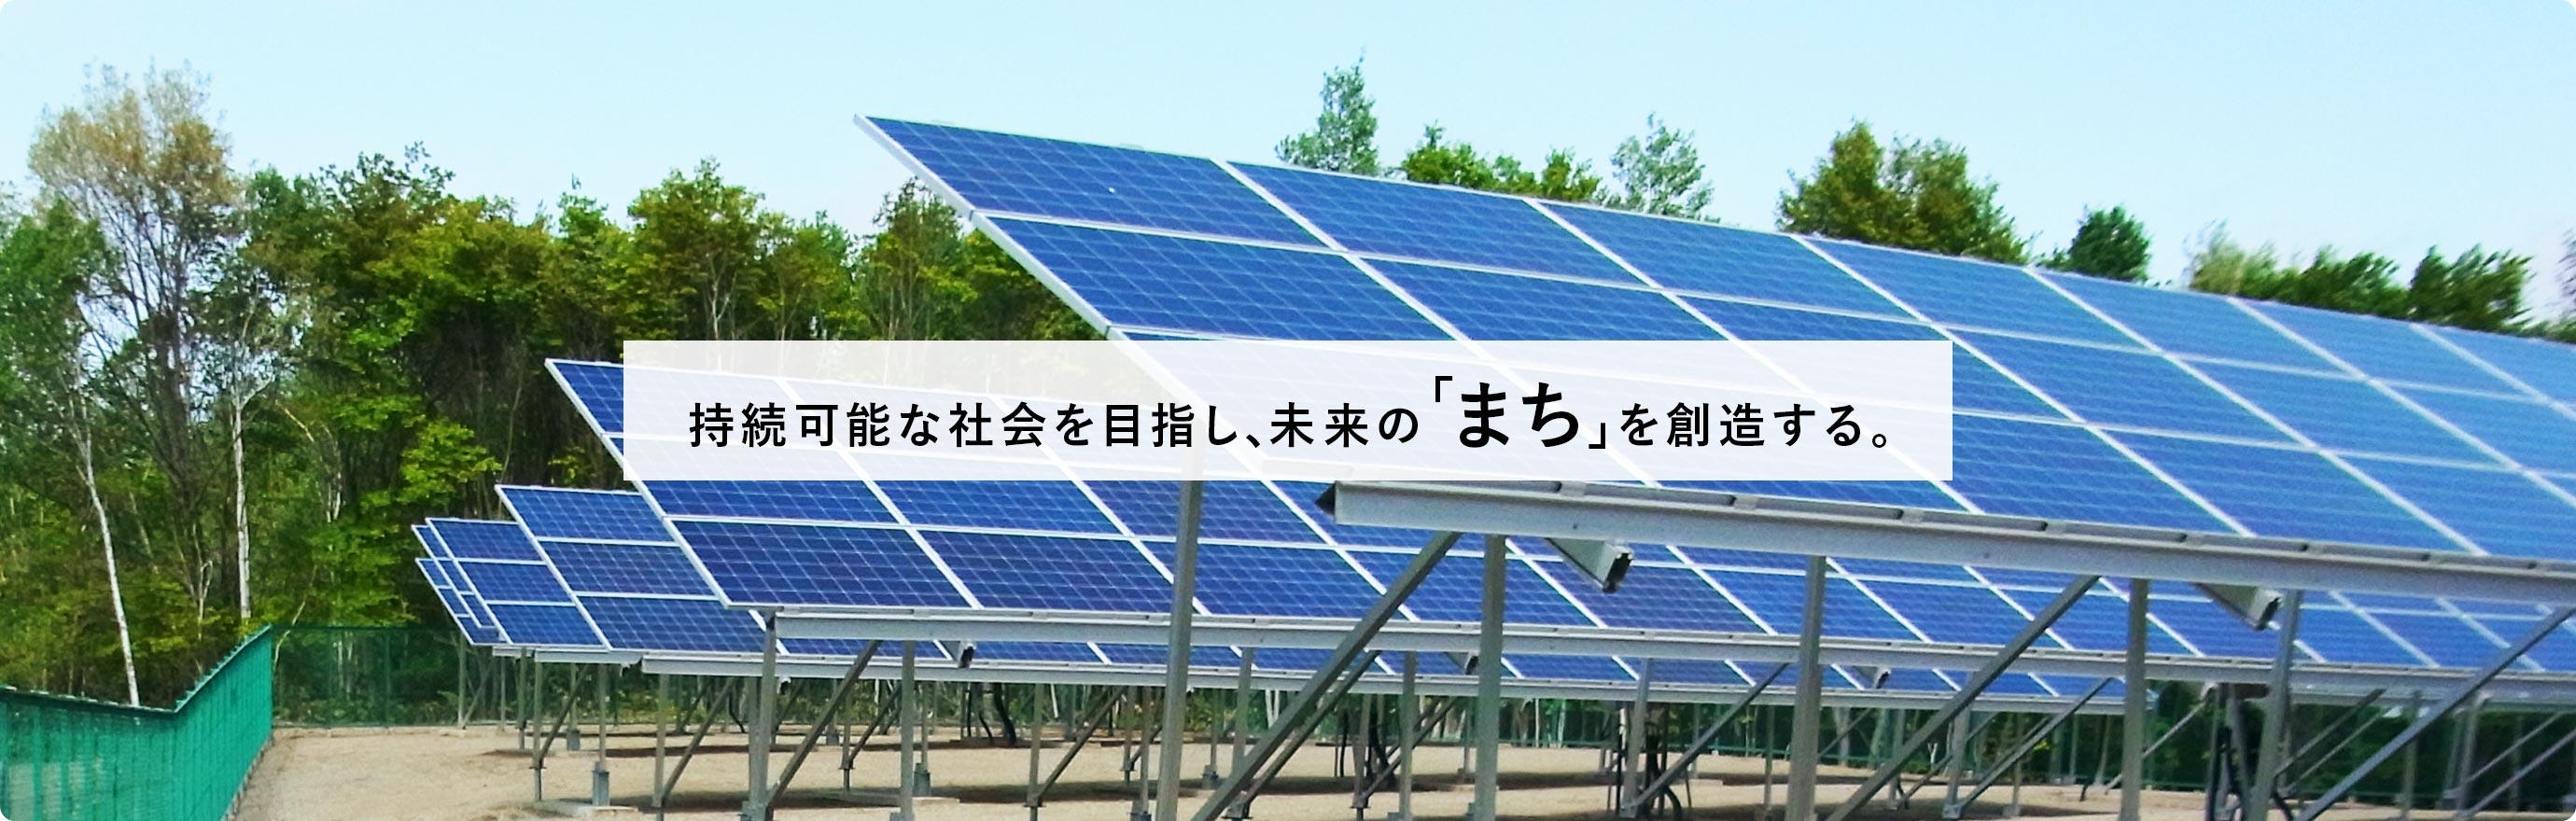 持続可能な社会を目指し、未来の「まち」を創造する。